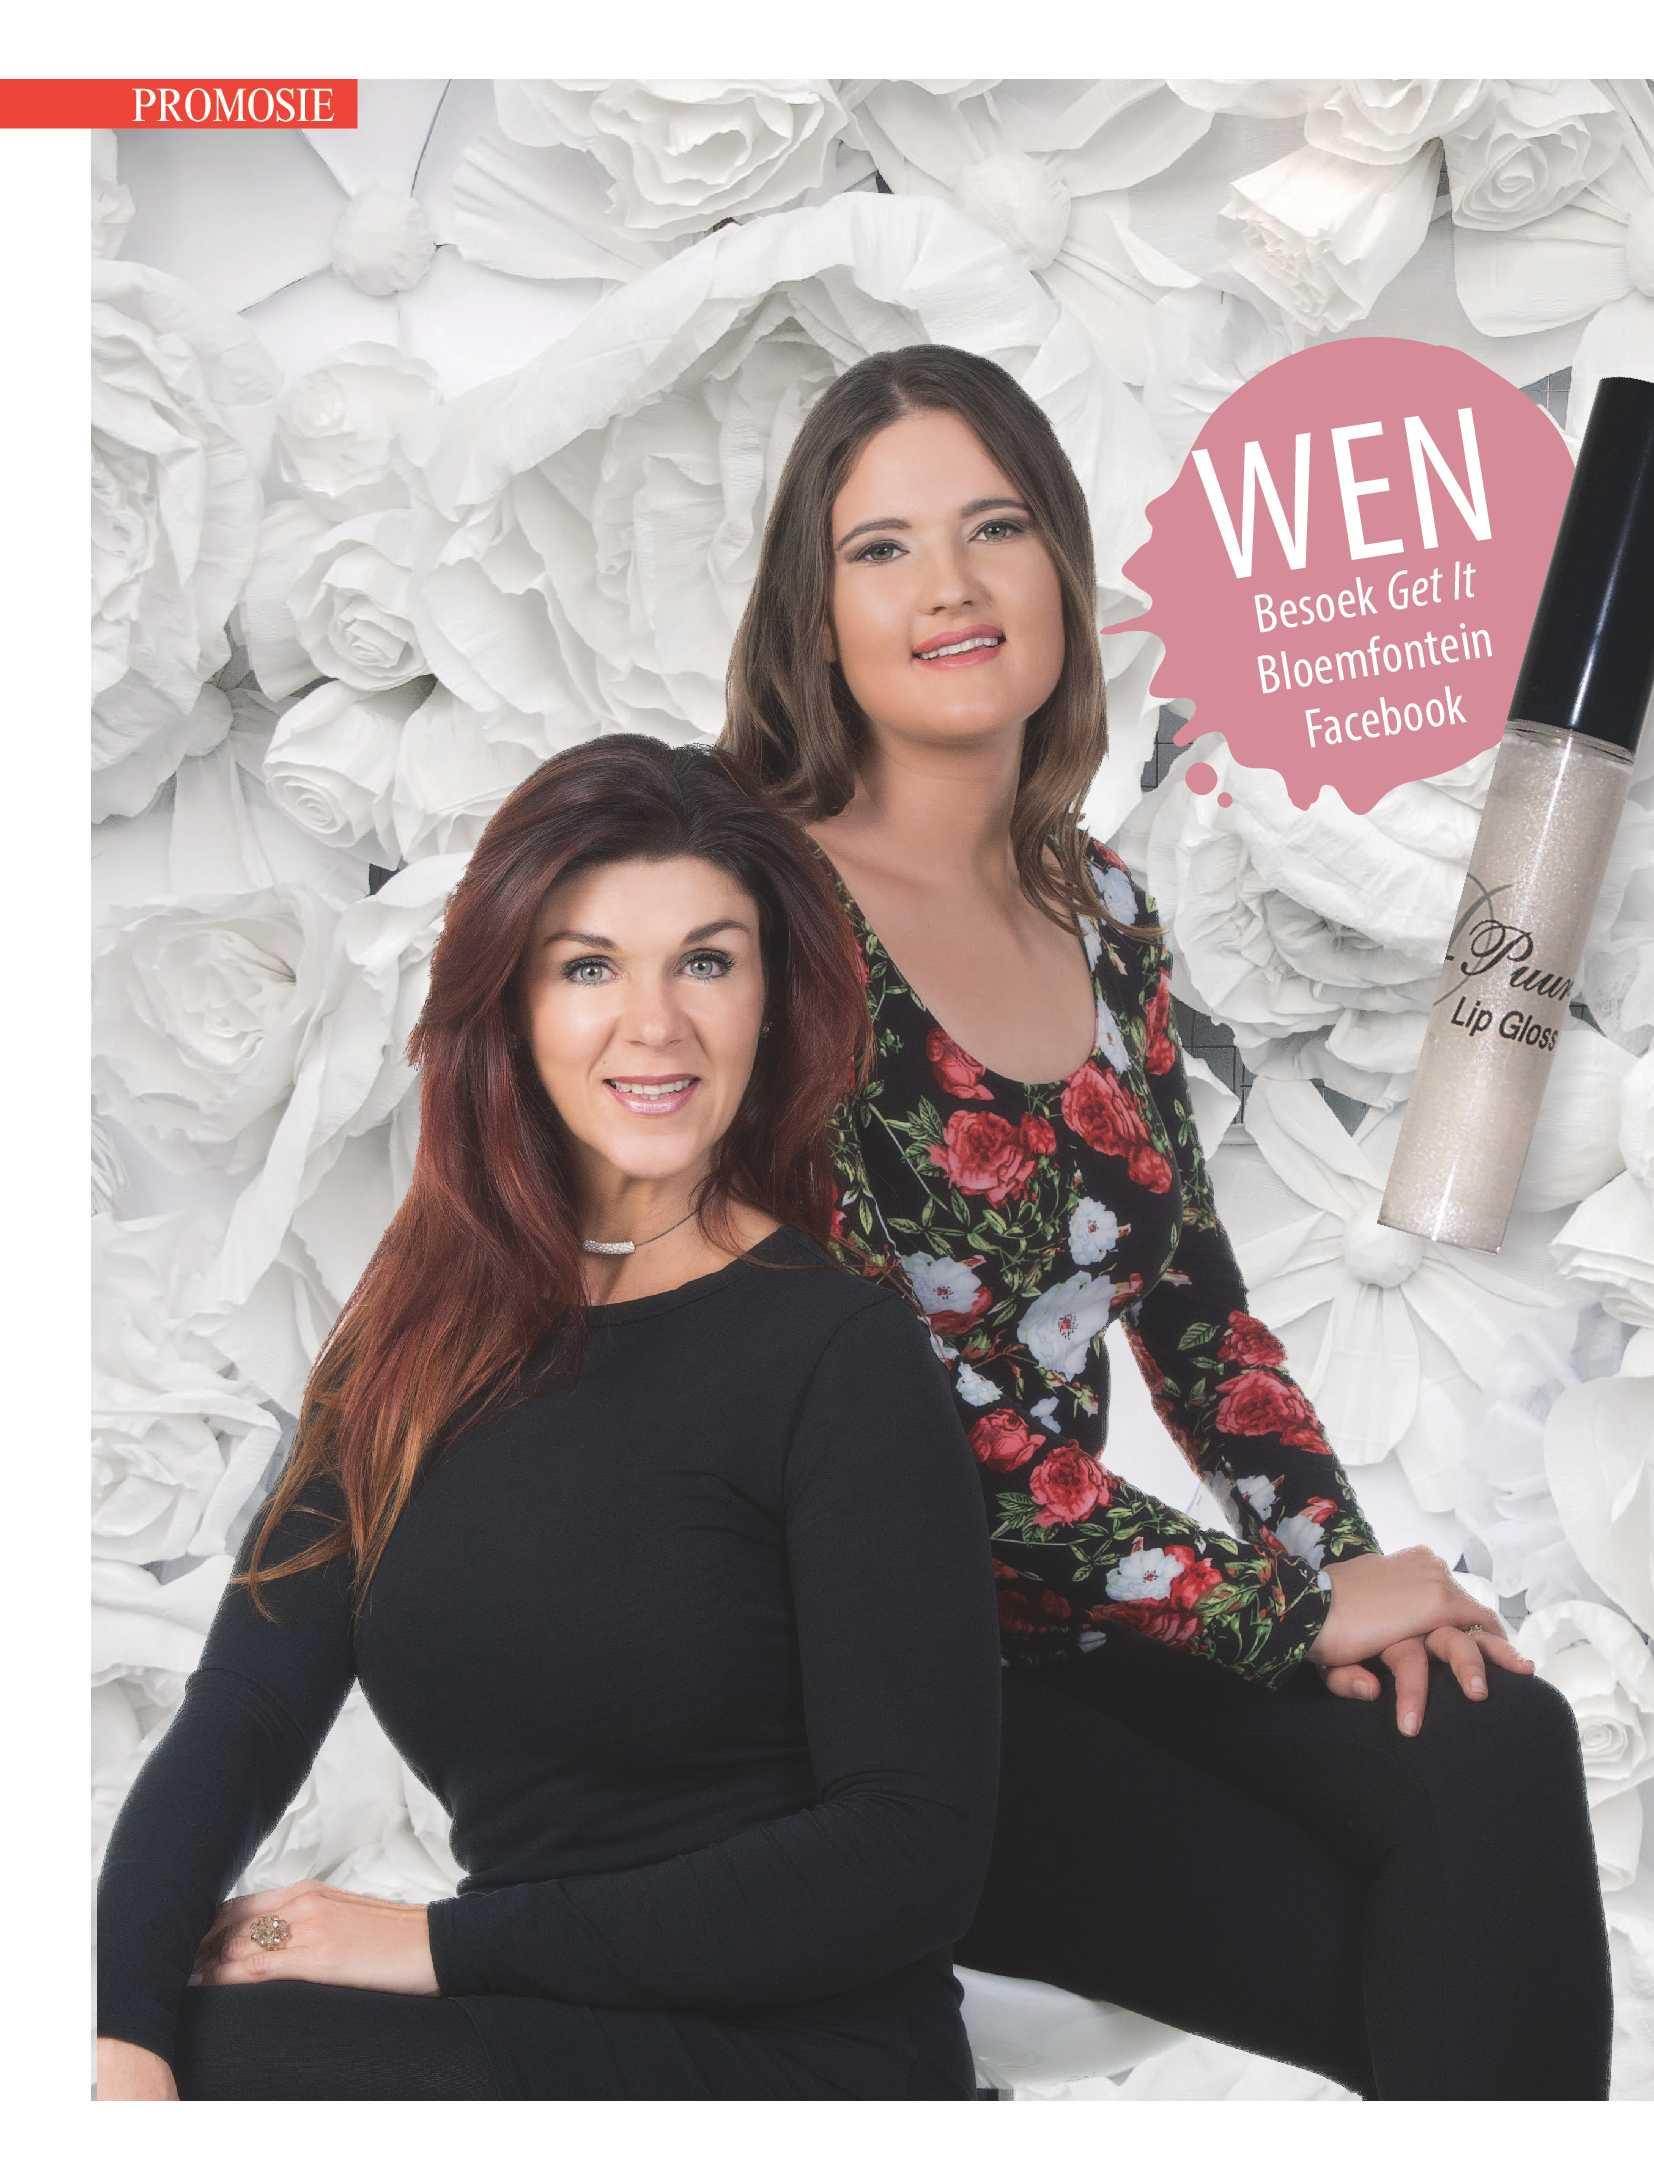 bloemfontein-get-may-2018-epapers-page-24